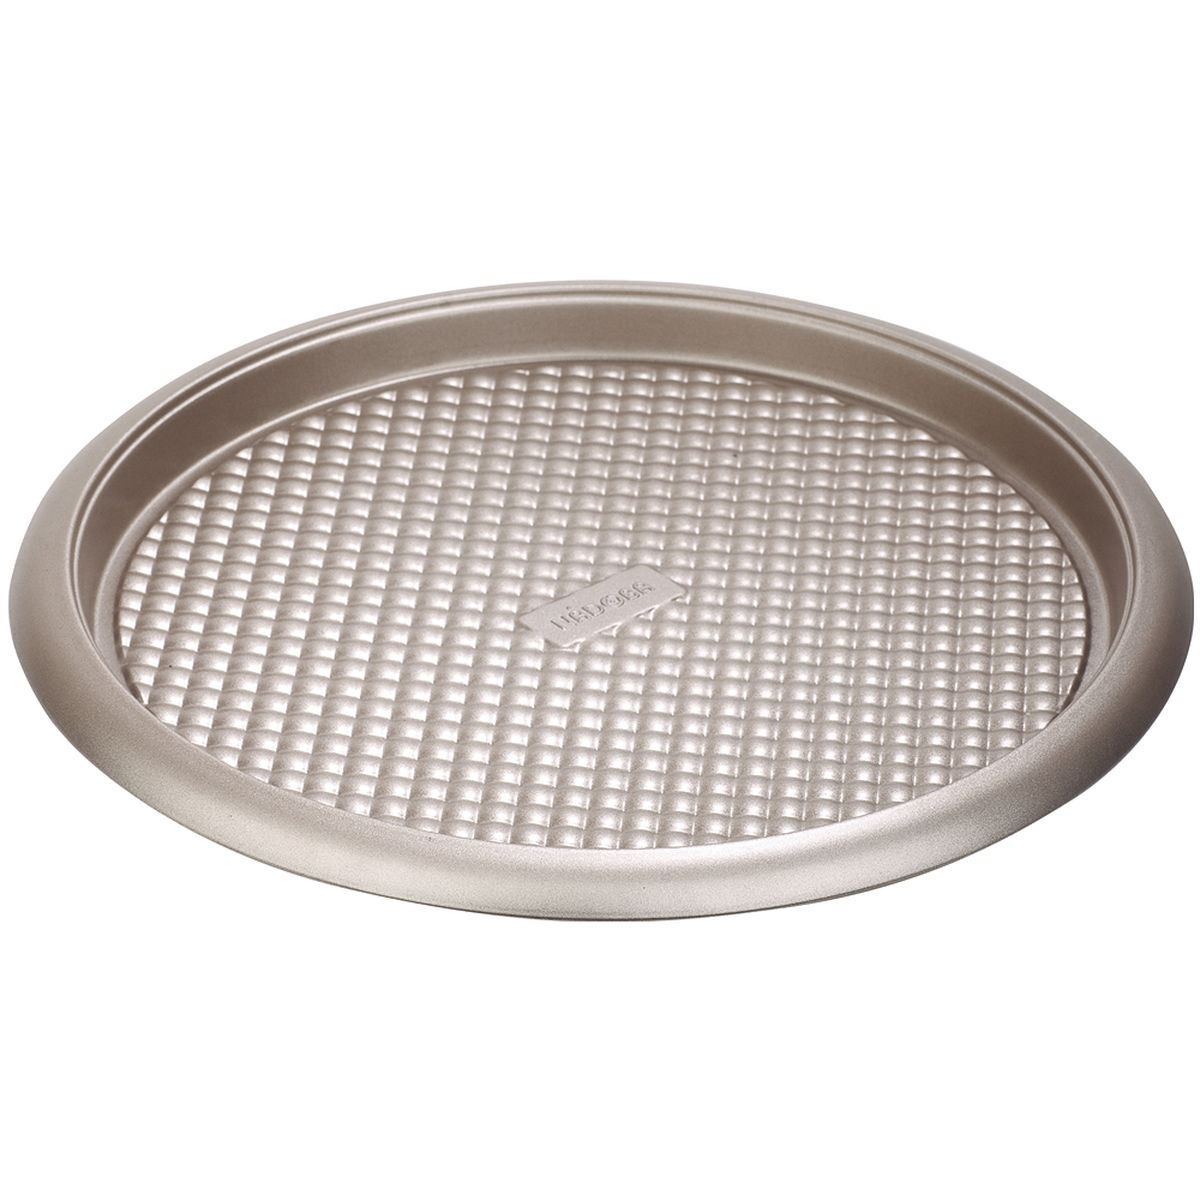 Форма для выпечки Nadoba Rada, с антипригарным покрытием, диаметр 34 см форма для выпечки nadoba rada 761011